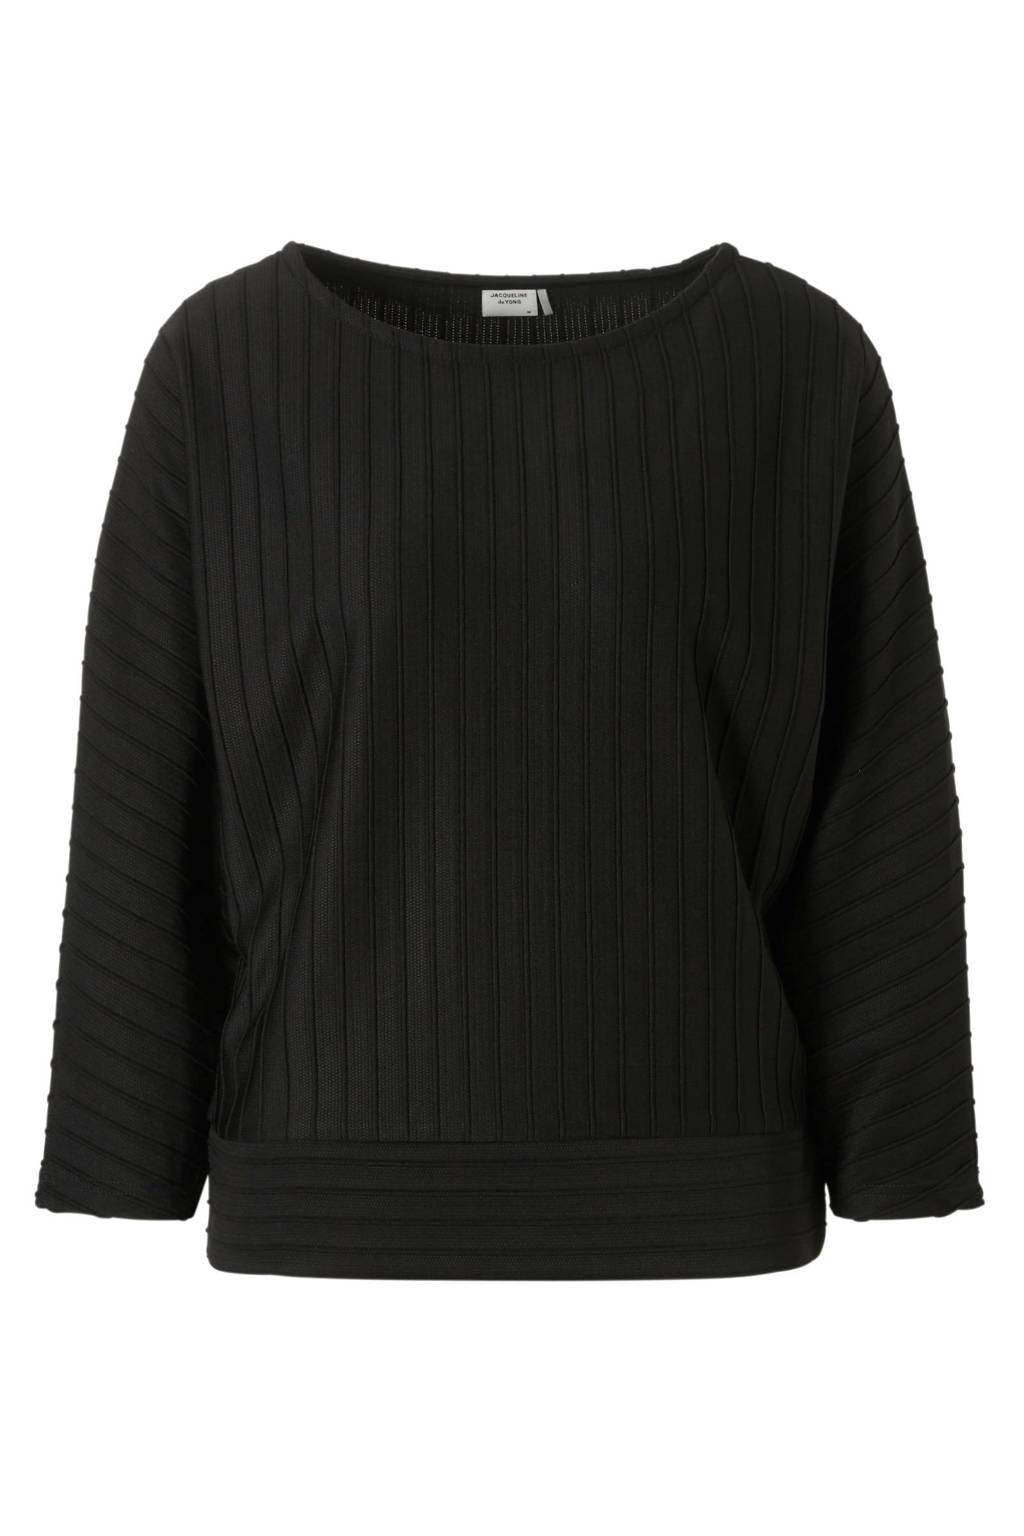 JACQUELINE DE YONG trui, Zwart